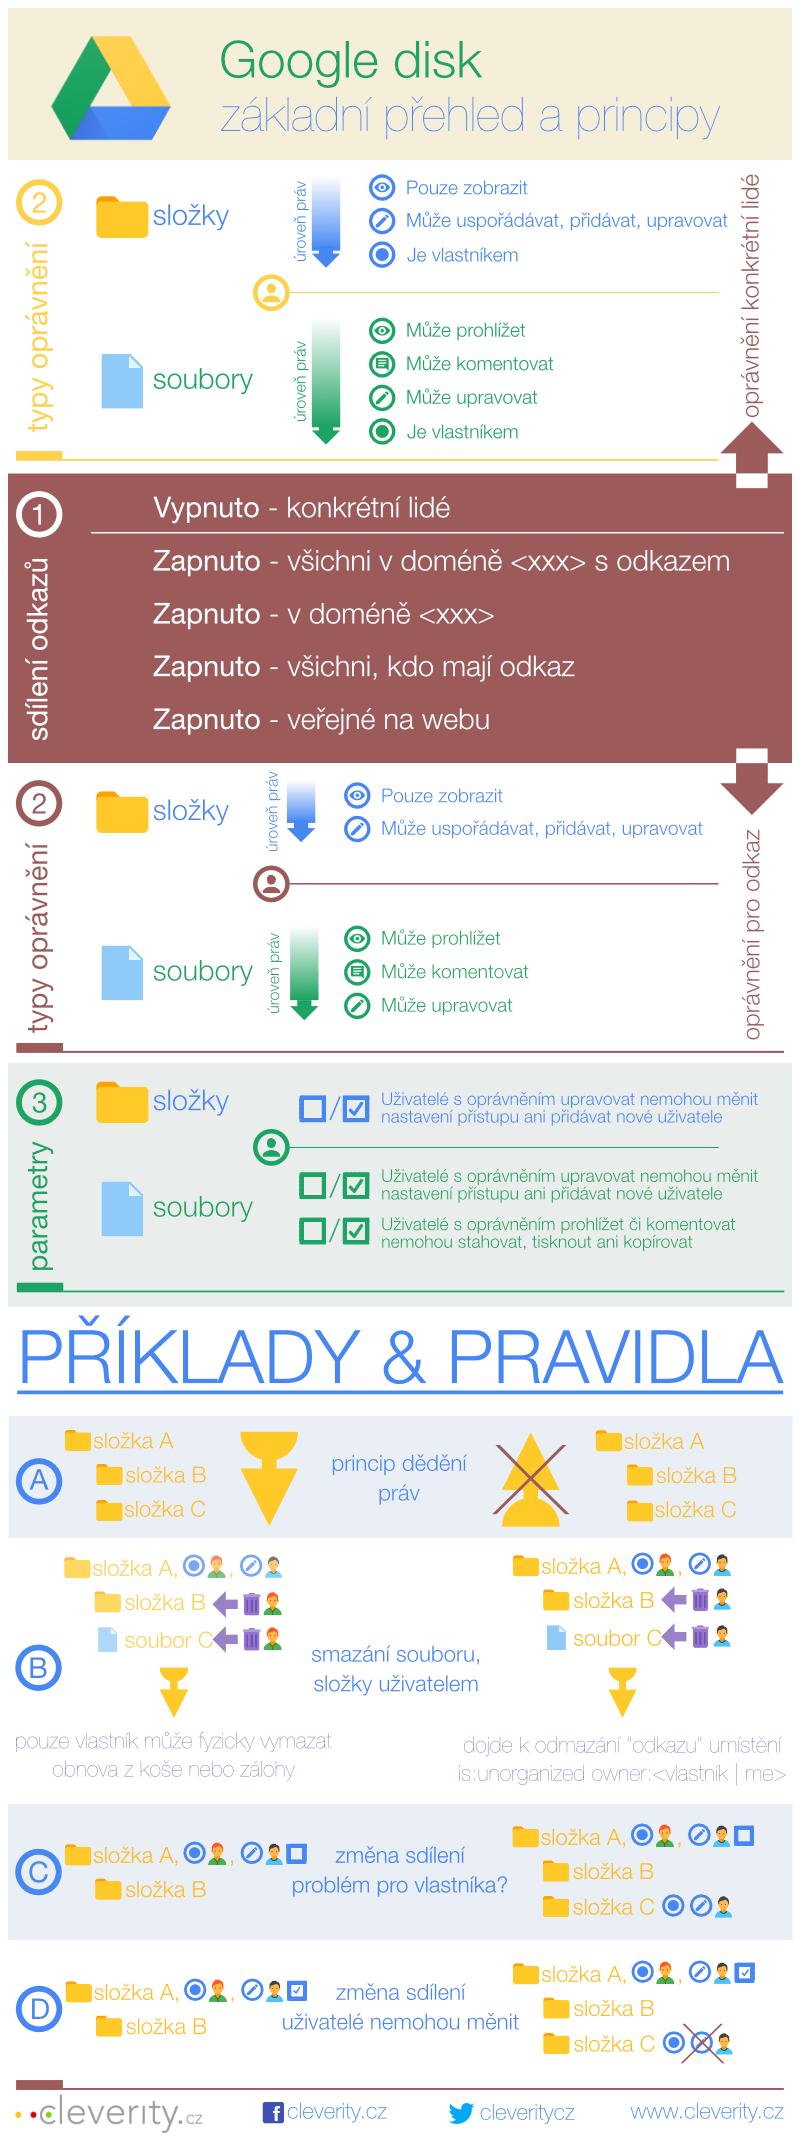 infografika, efektivní práce s G Suite, Google disk, Google drive